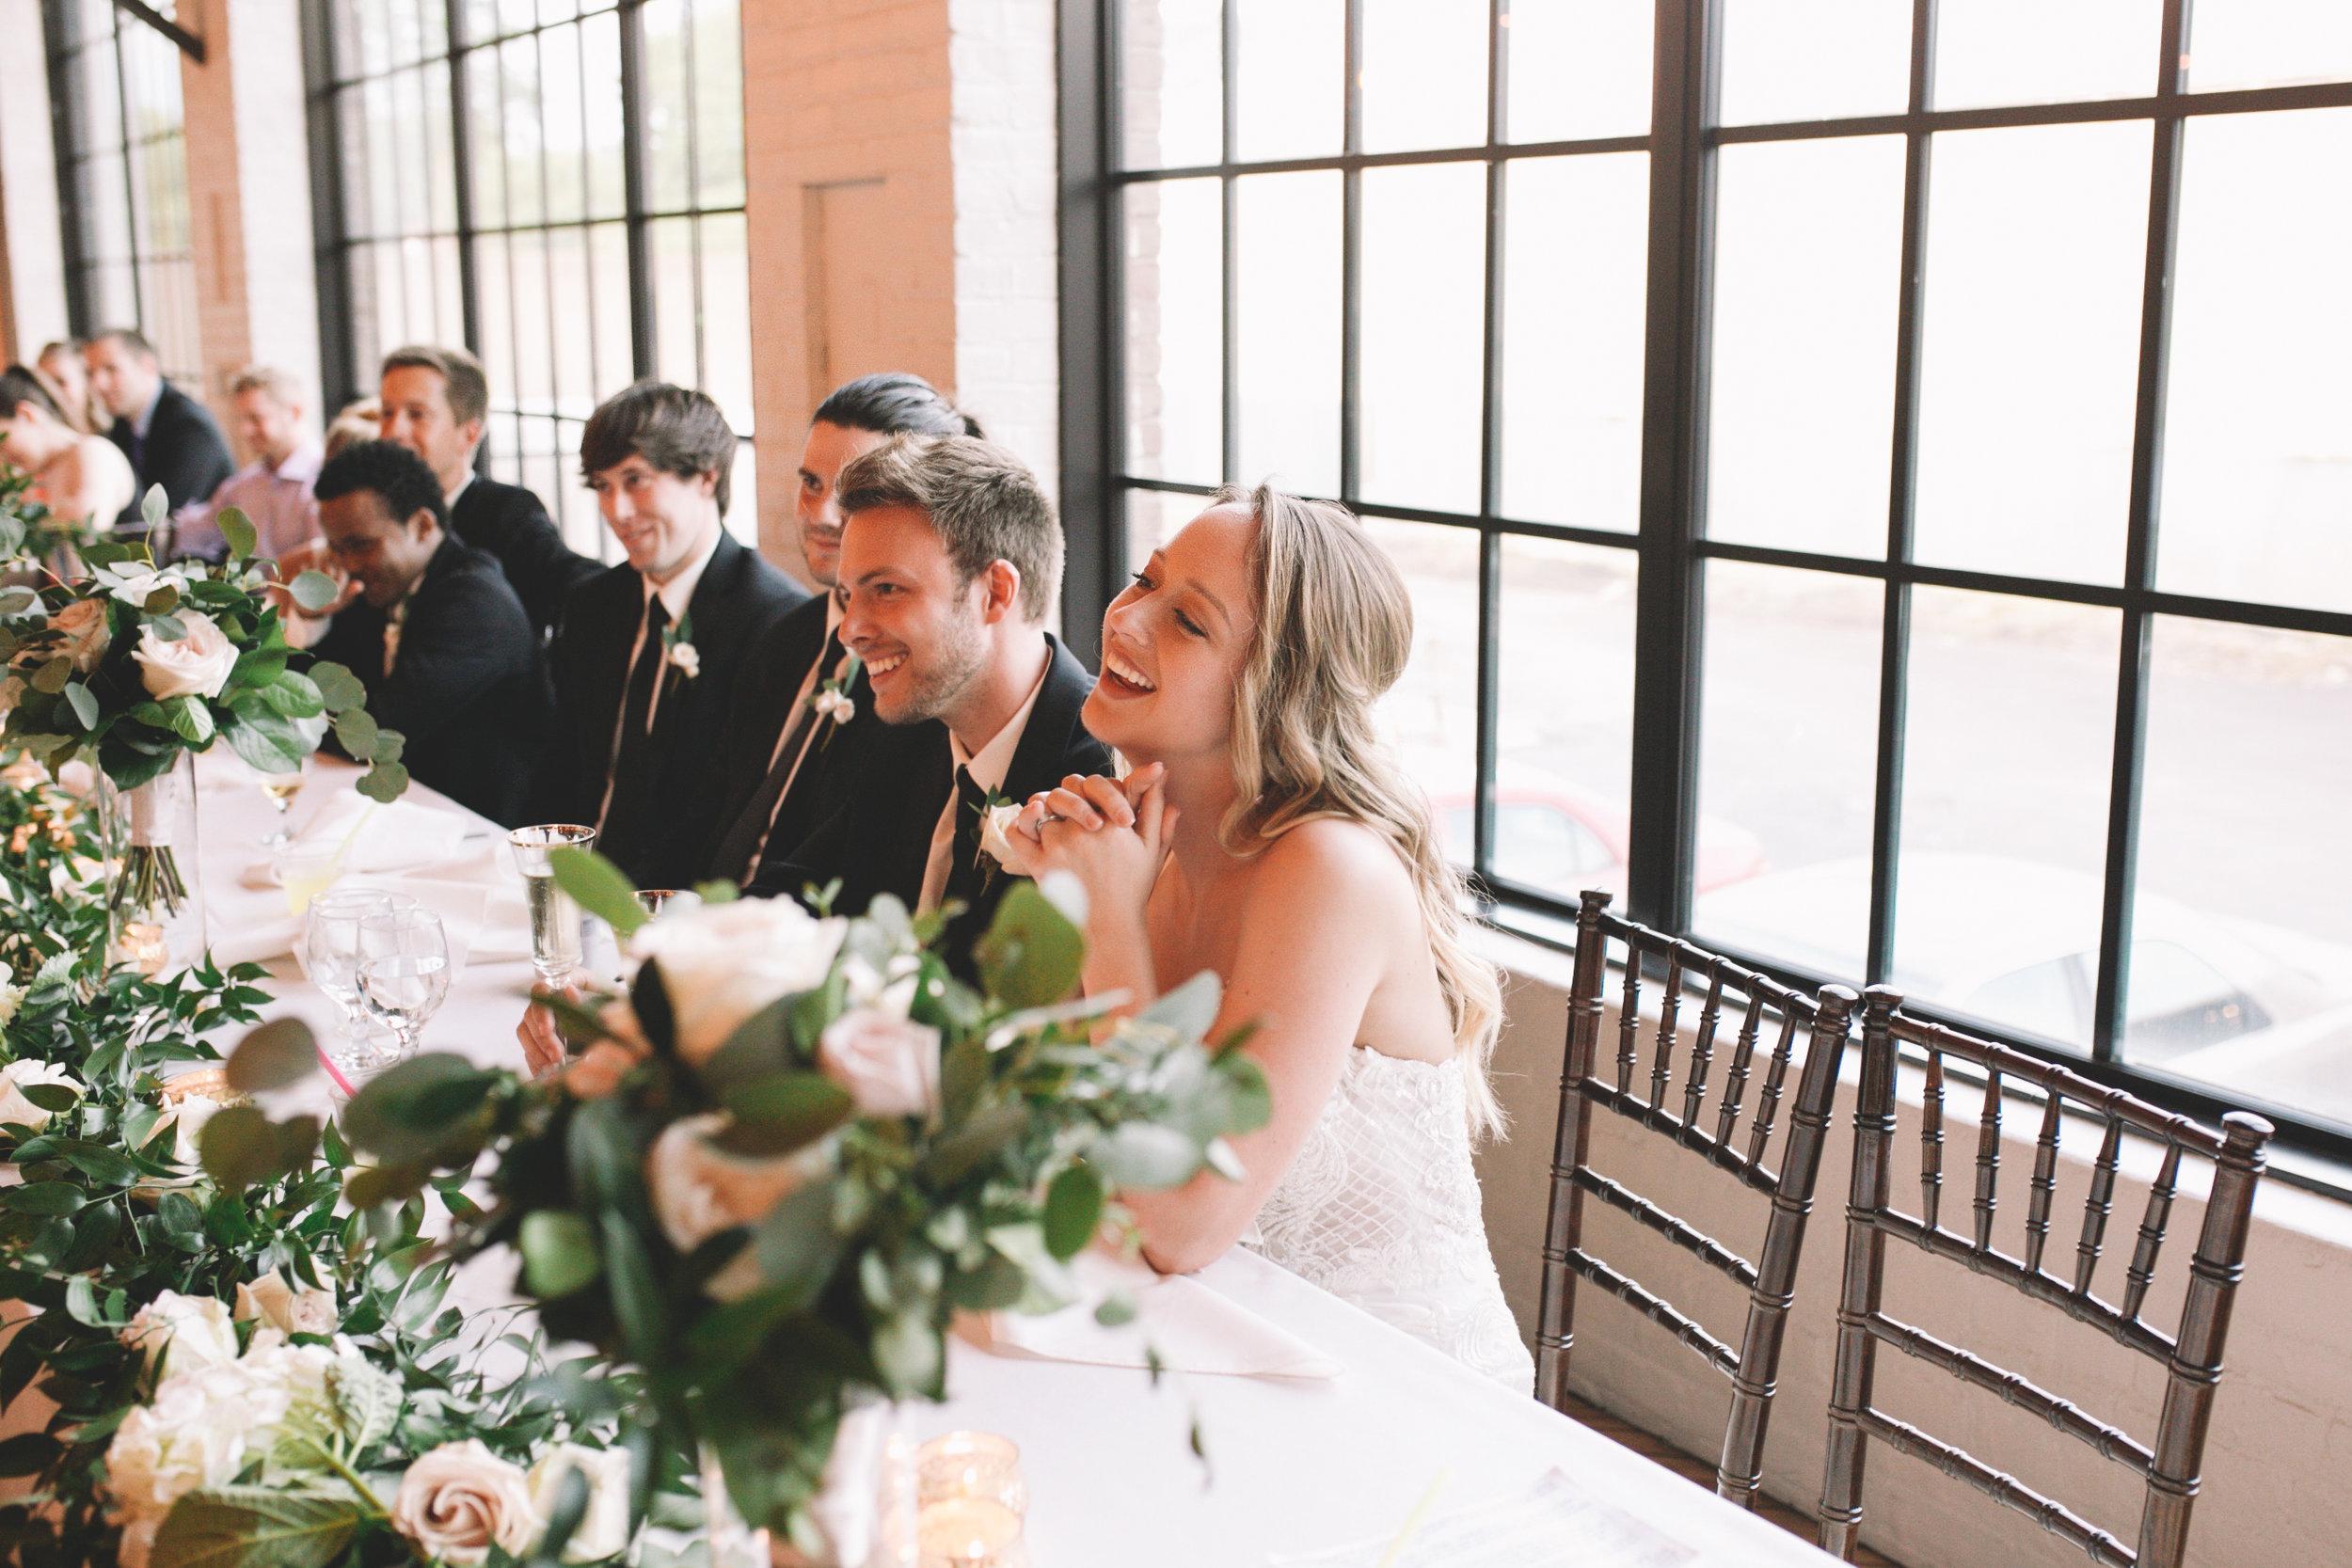 Mitch + Elizabeth The Pointe Wedding Louisville KY  (763 of 1023).jpg